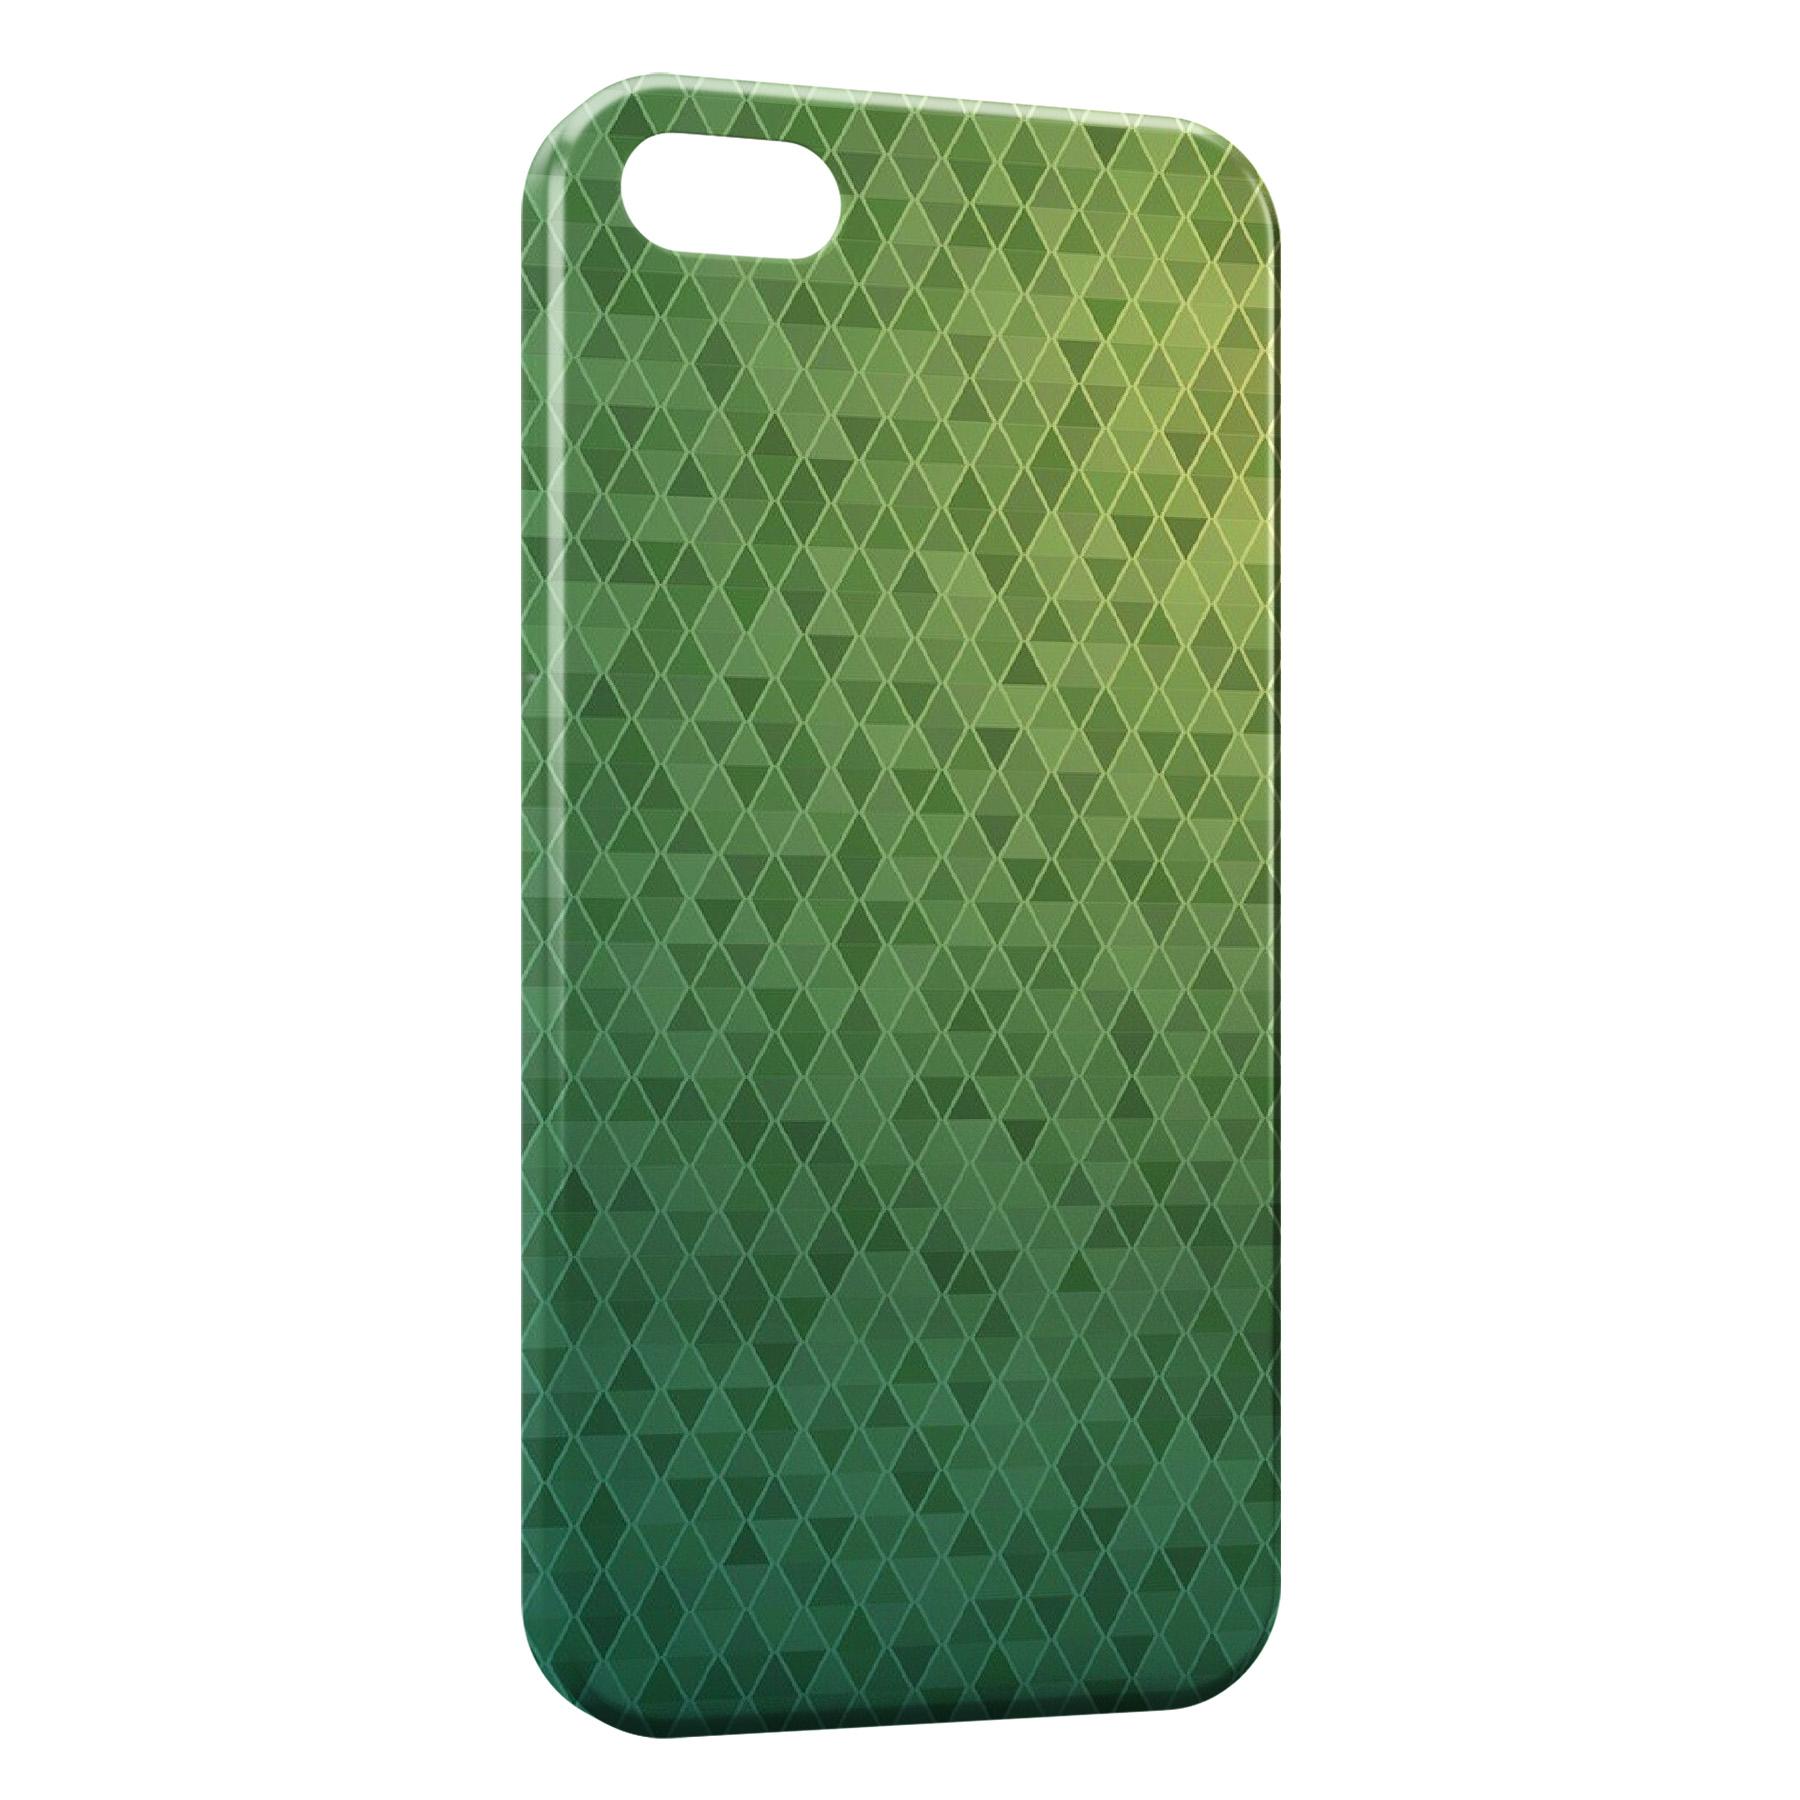 Coque iPhone 6 6S Damier vert Design